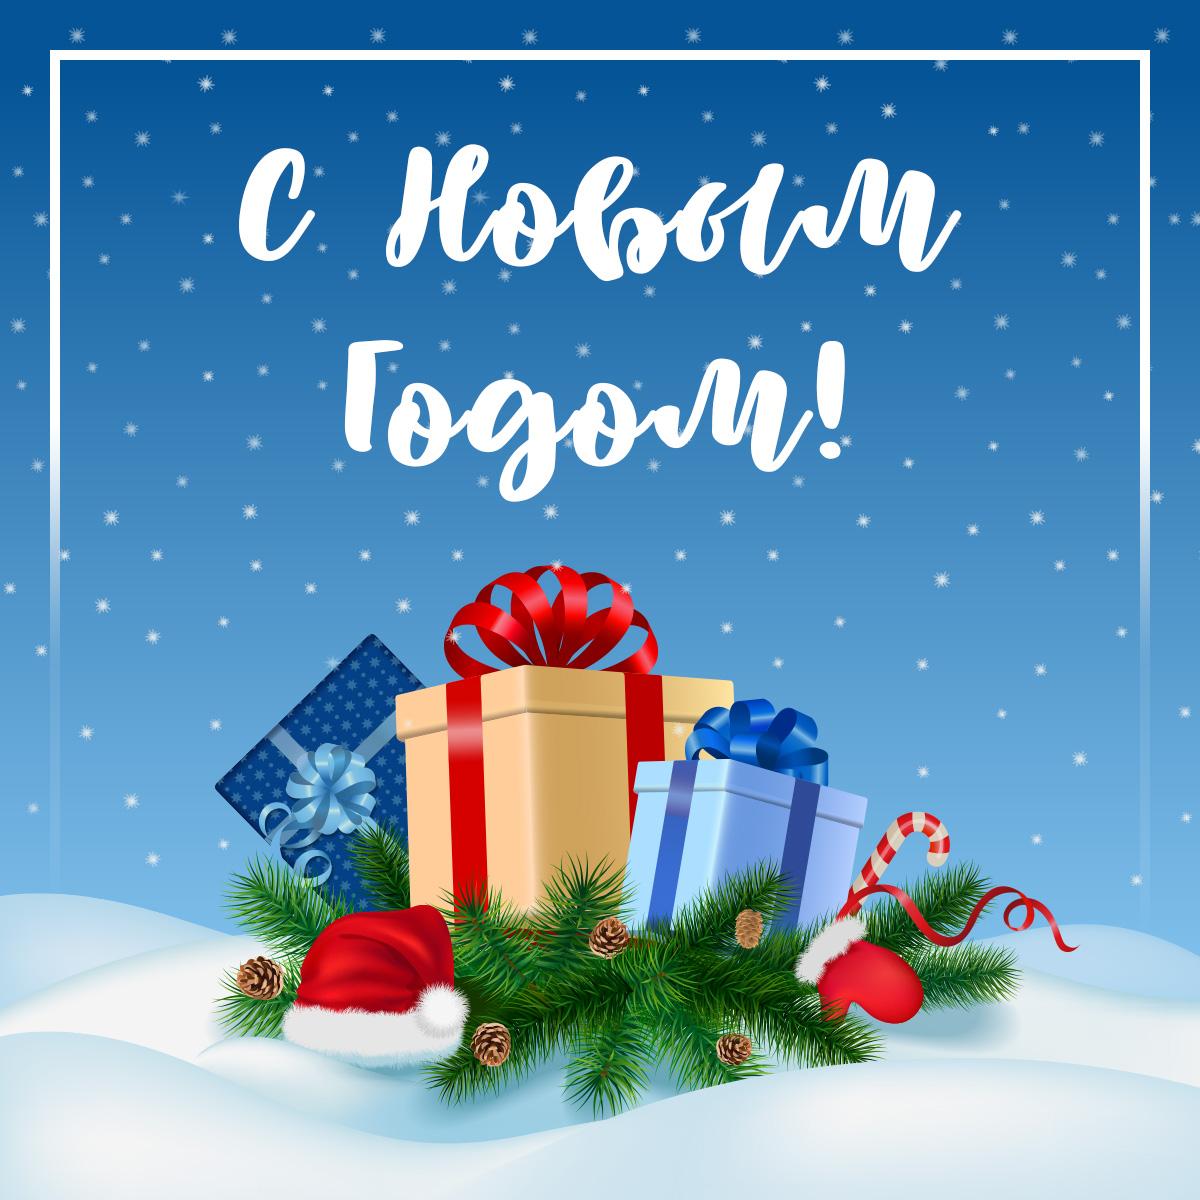 Синяя картинка с надписью с новым годом и подарками на снегу.